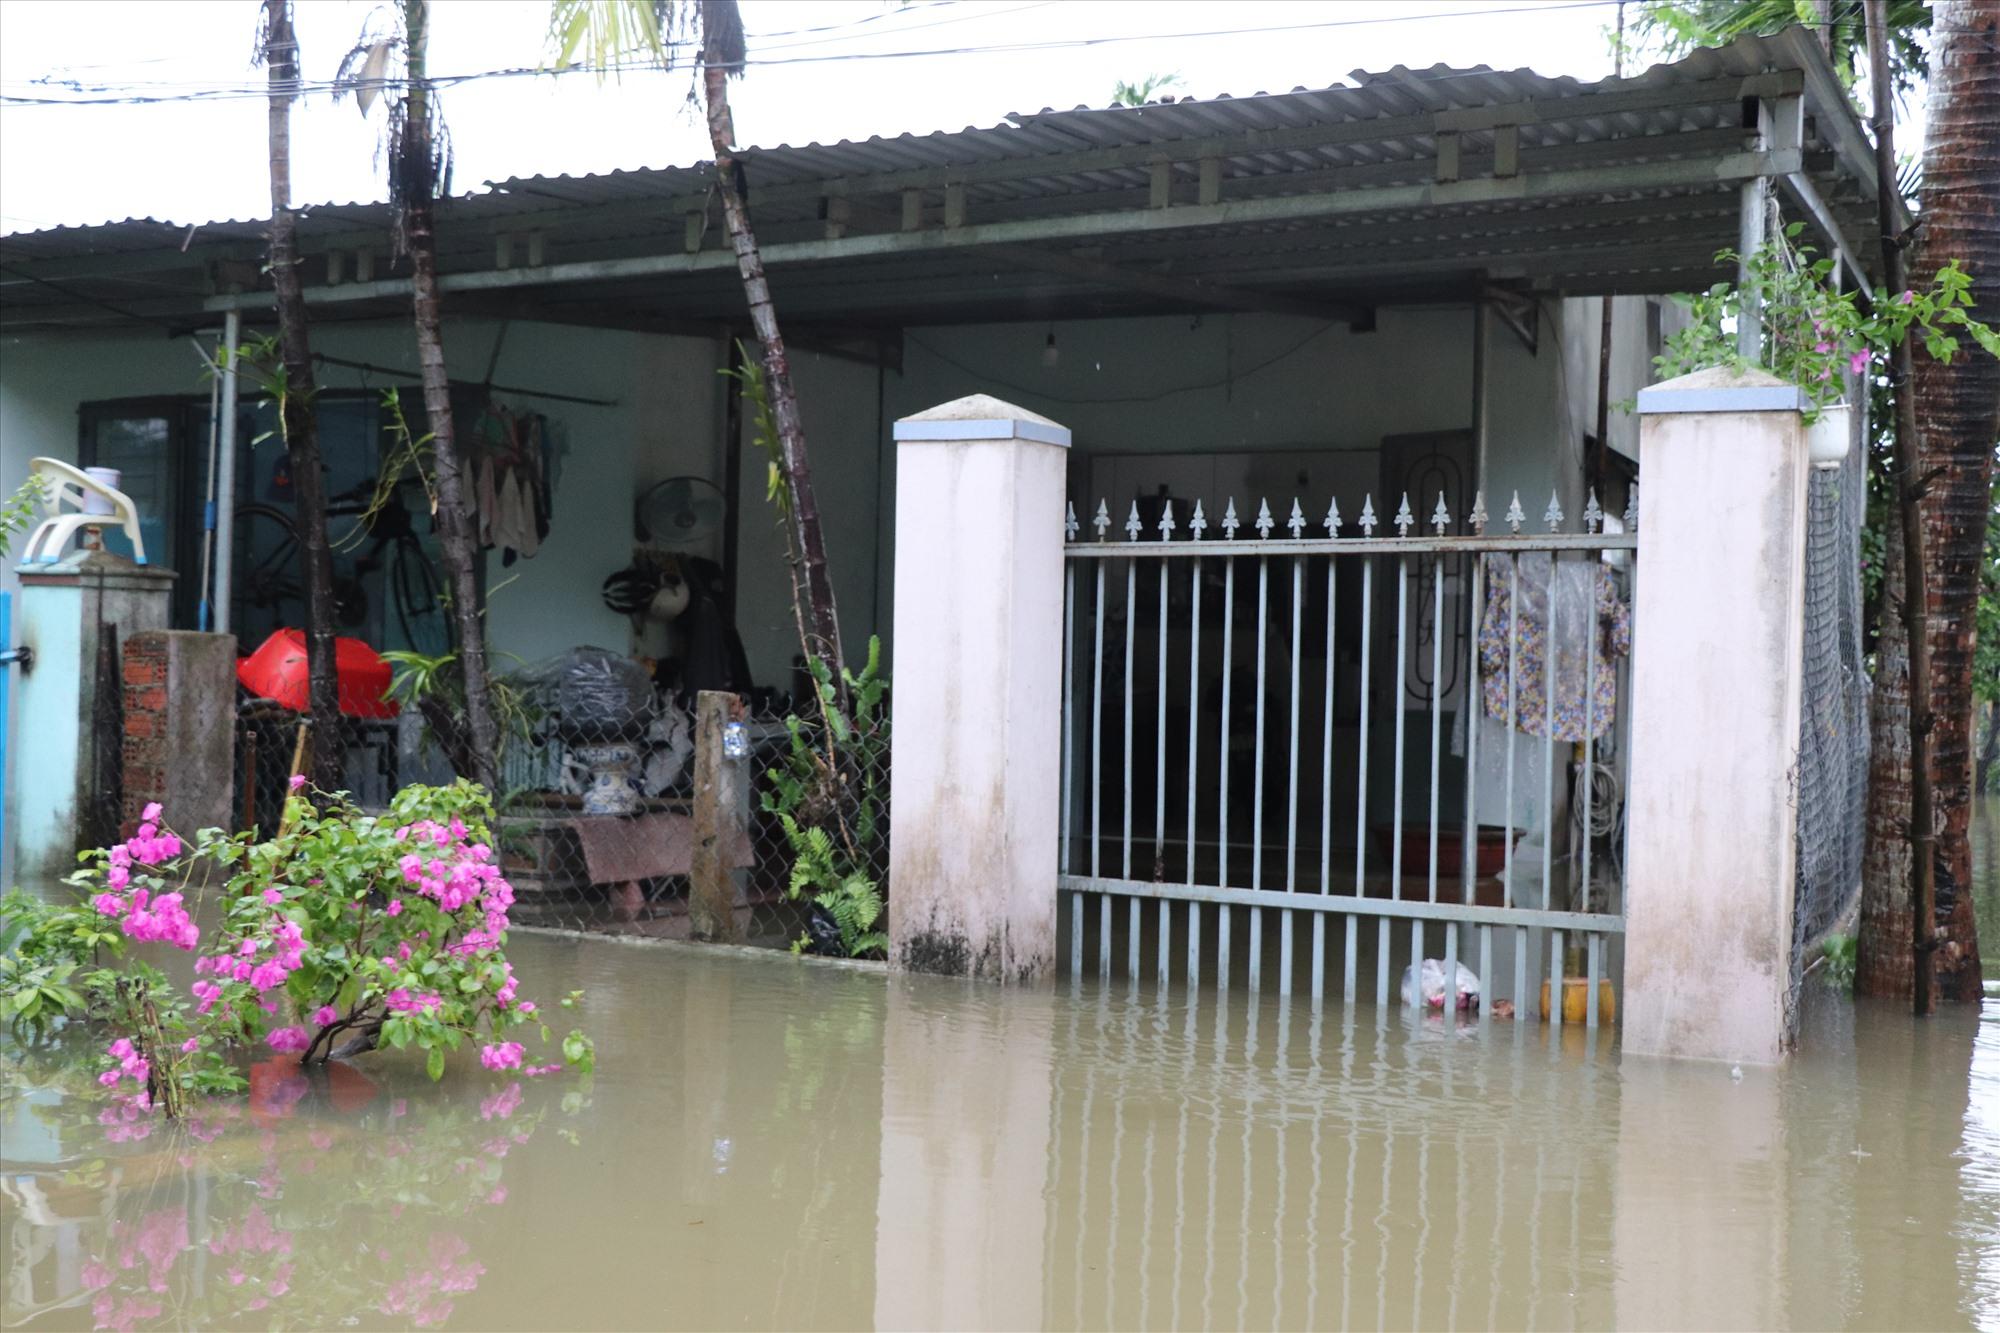 Hễ mưa lớn kéo dài thì nhiều ngôi nhà ở khu phố Mỹ Thạch Trung bị ngập sâu. Ảnh: T.H